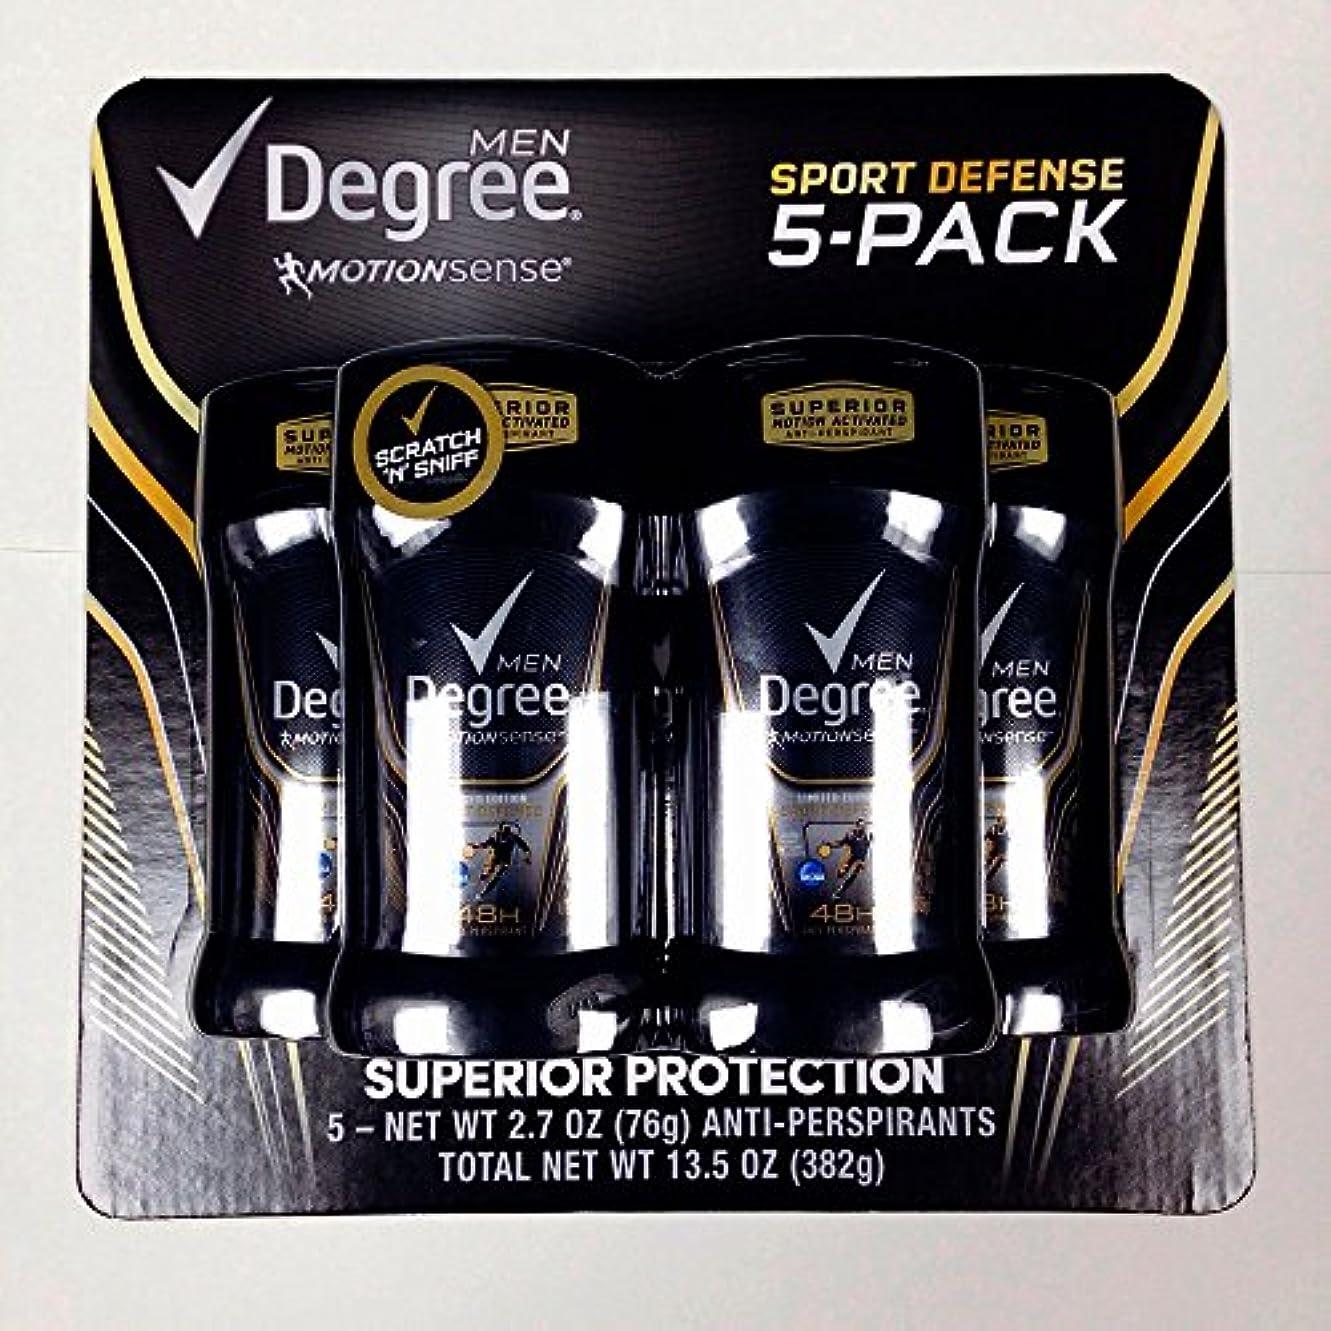 クラウン故国まとめるディグリー メンズ デオドラント モーションセンス スポーツディフェンス 1個76g 限定5個セット 並行輸入品 Degree Men Motion Sense Deodorant 5 Pack (2.7oz×5) 48...